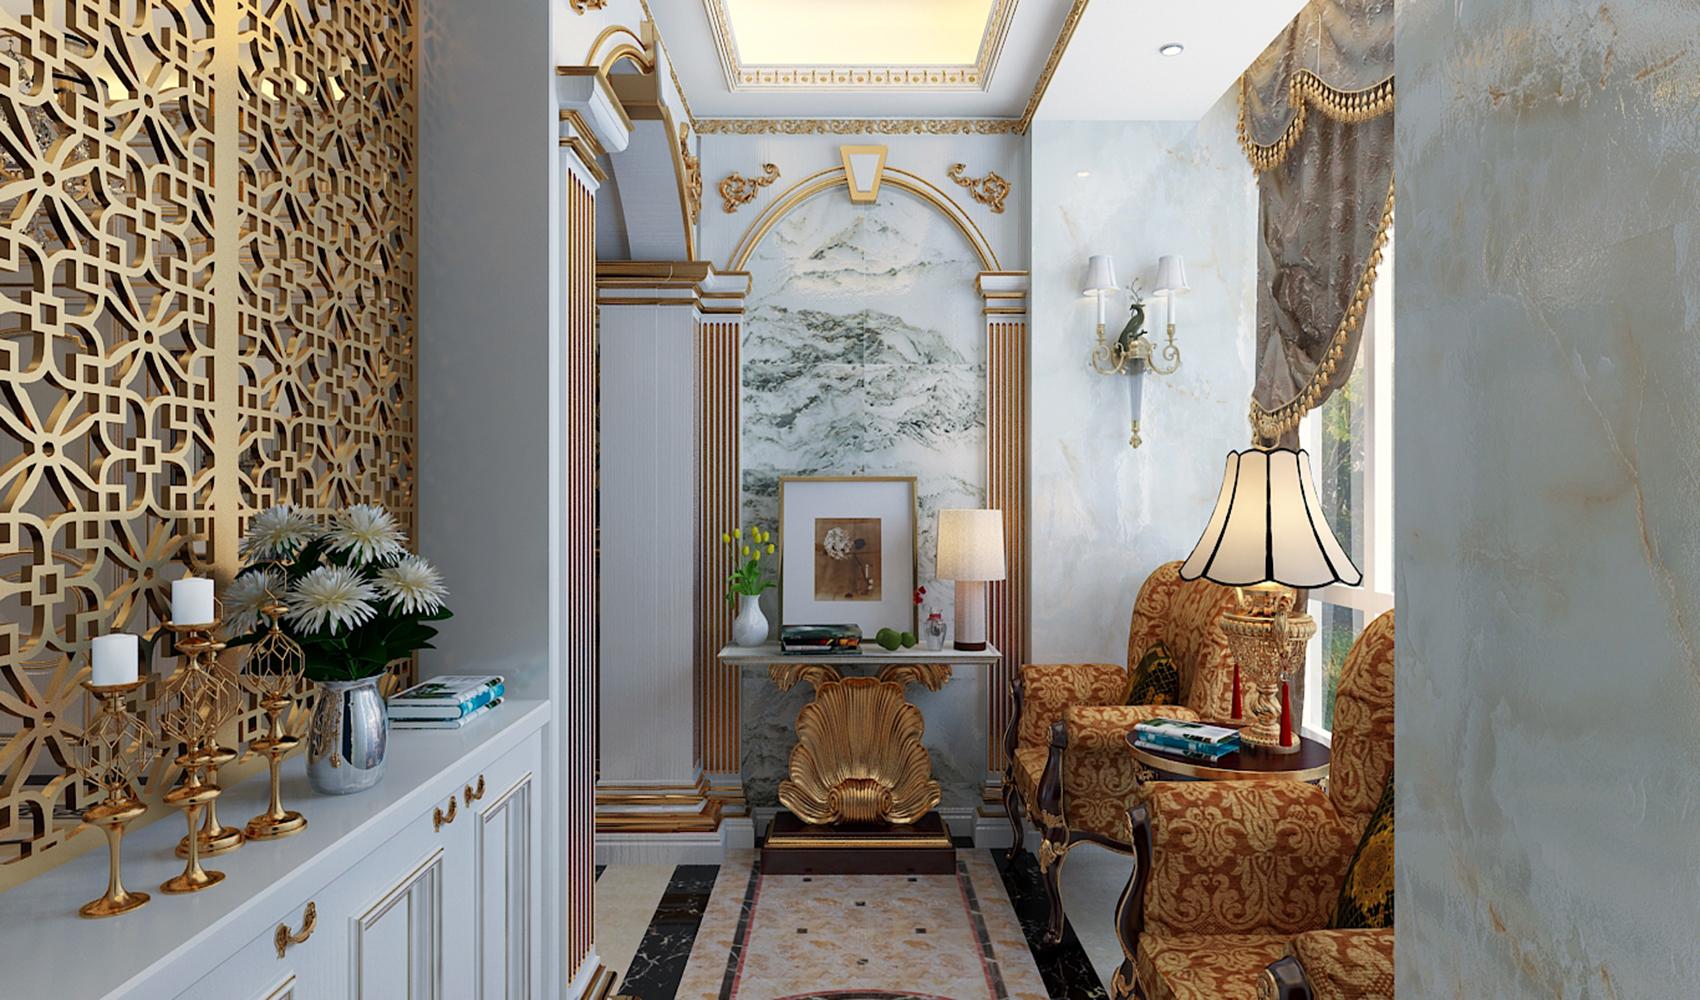 法式宫廷别墅装修玄关设计